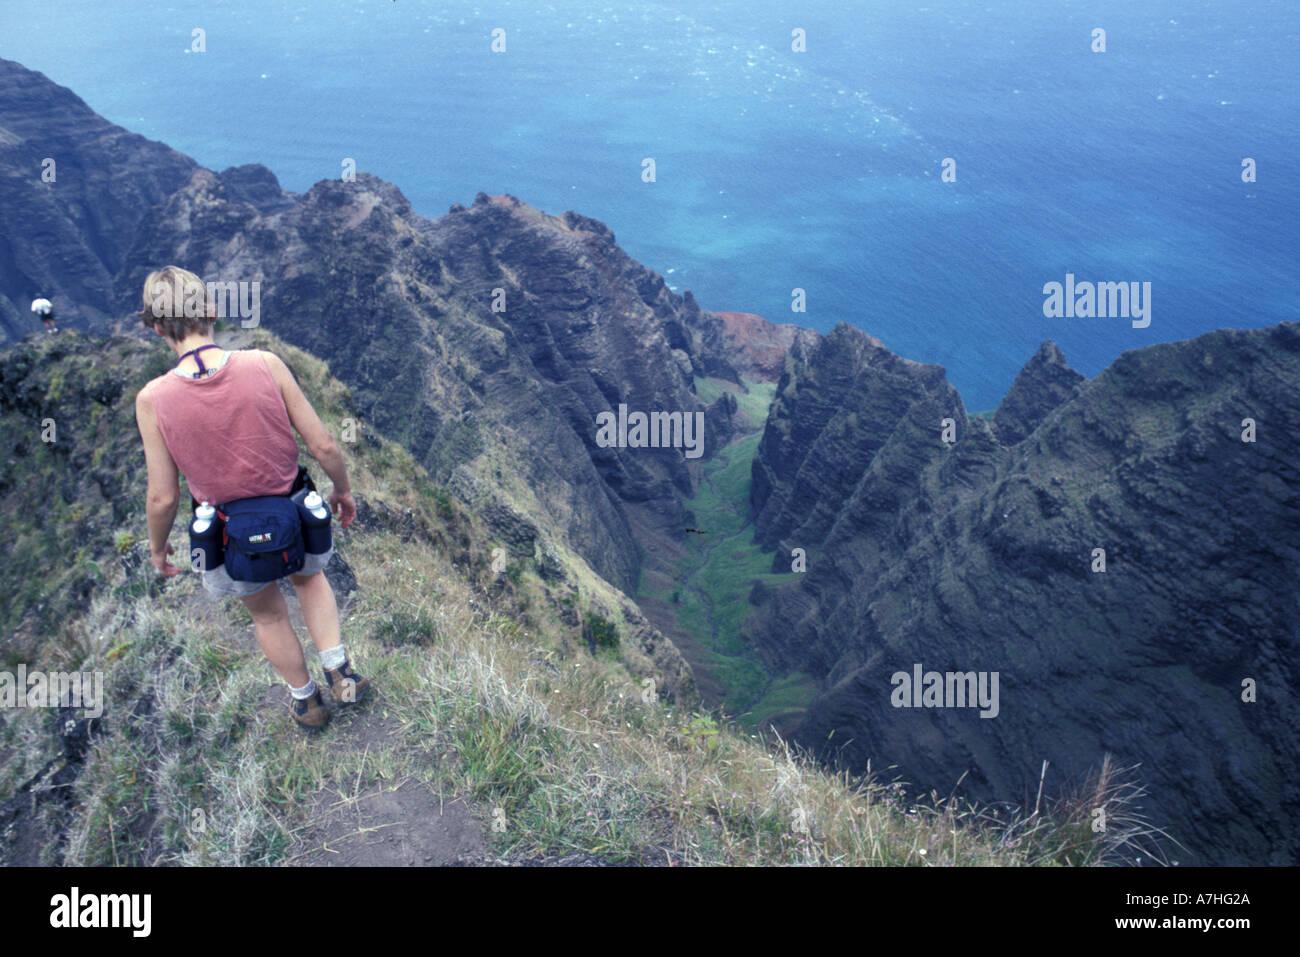 usa, hawaii, kuai, na pali coast, alyson pytte hikes on cliffs above